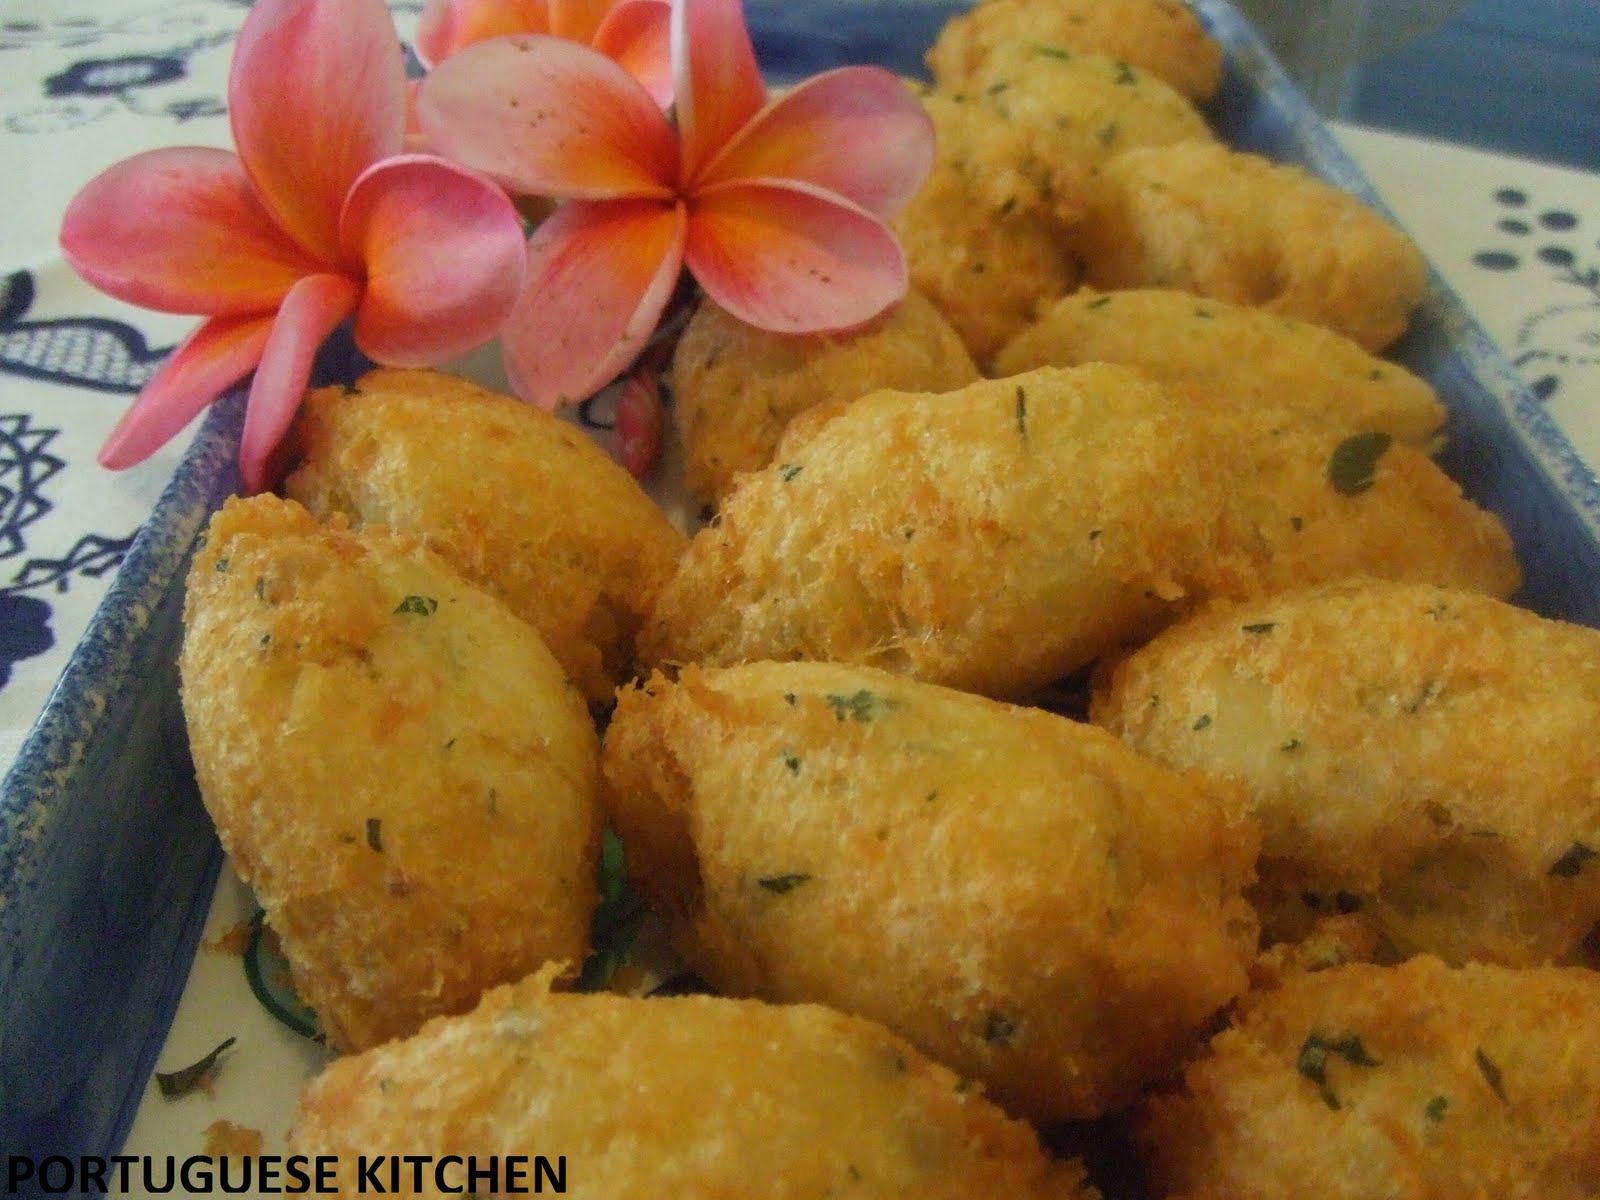 Portuguese kitchen codfish cakes pasteis de bacalhau for Portuguese cod fish recipes